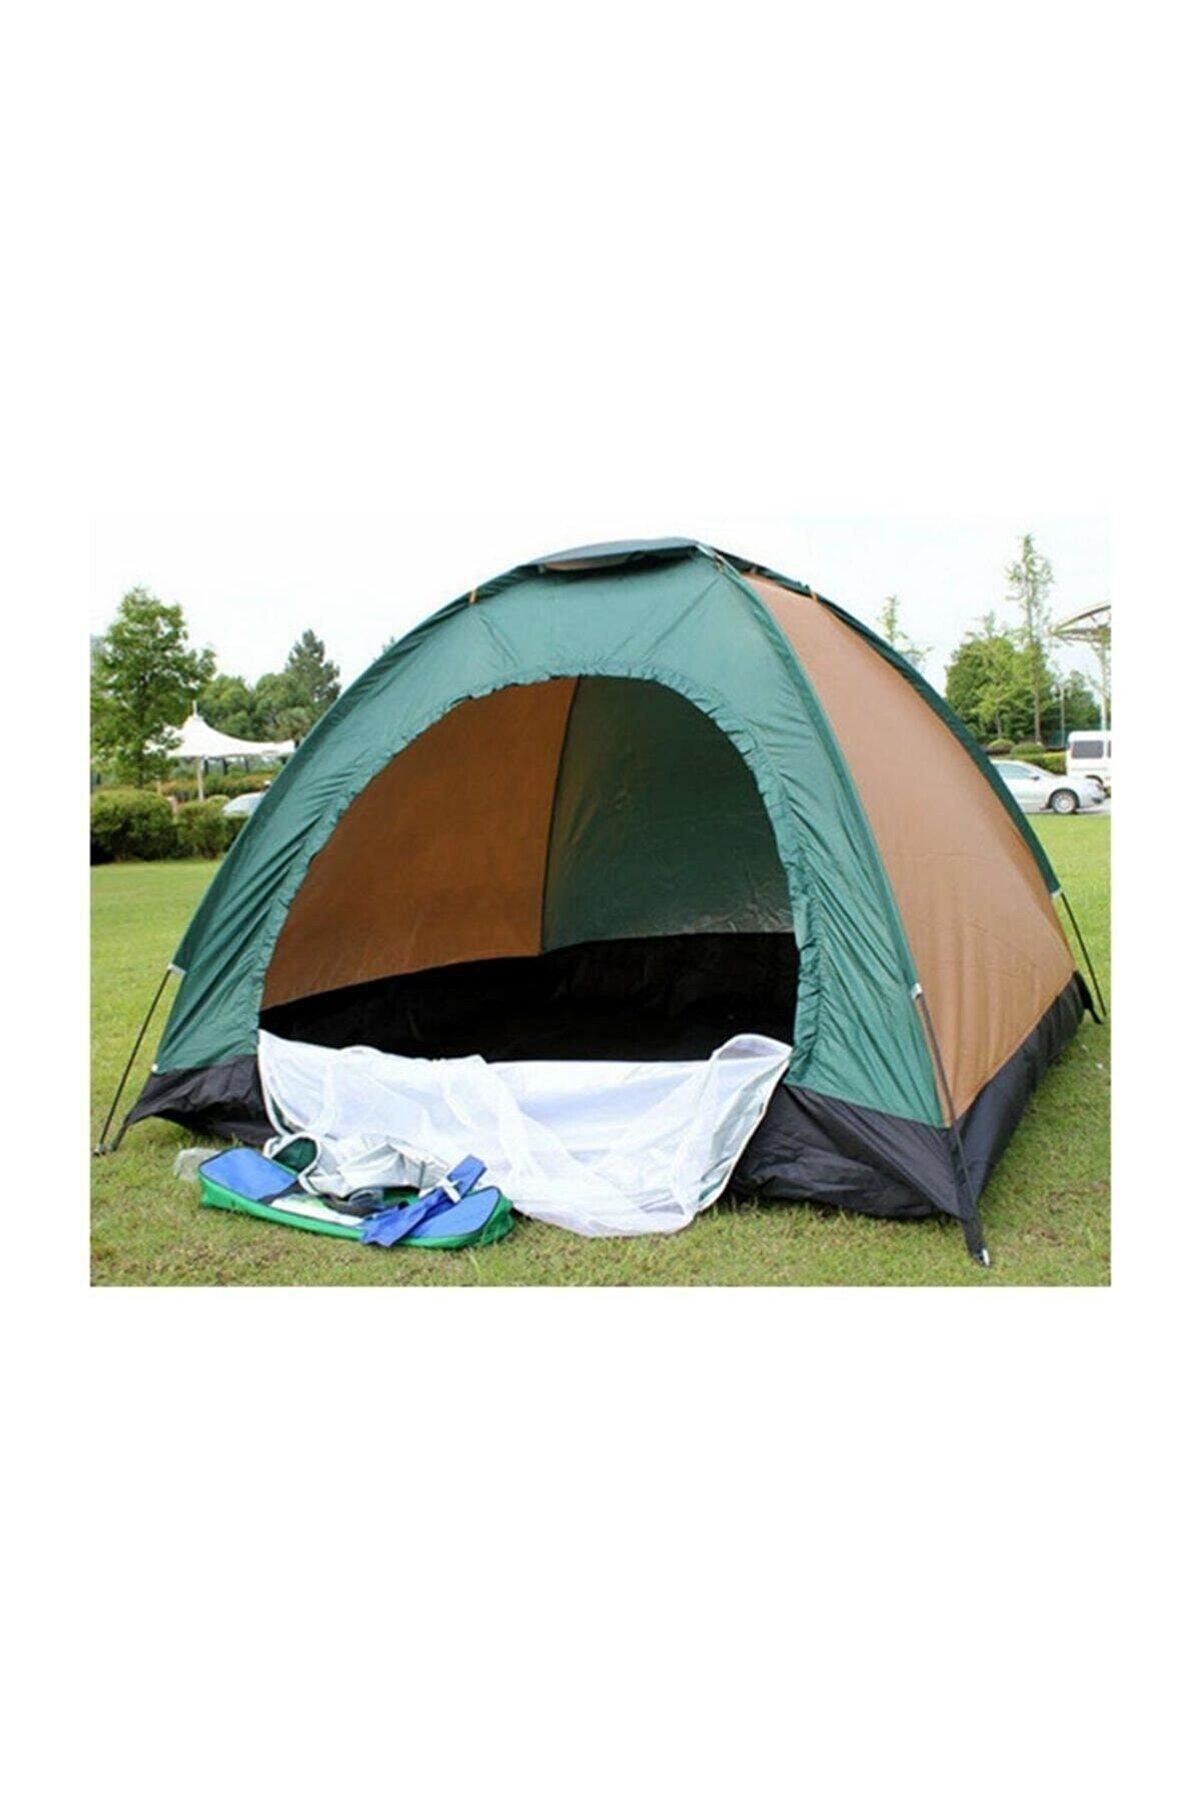 Skygo Düz 6 Kamp Çadırı Kolay Kurulum 2 Kişilik